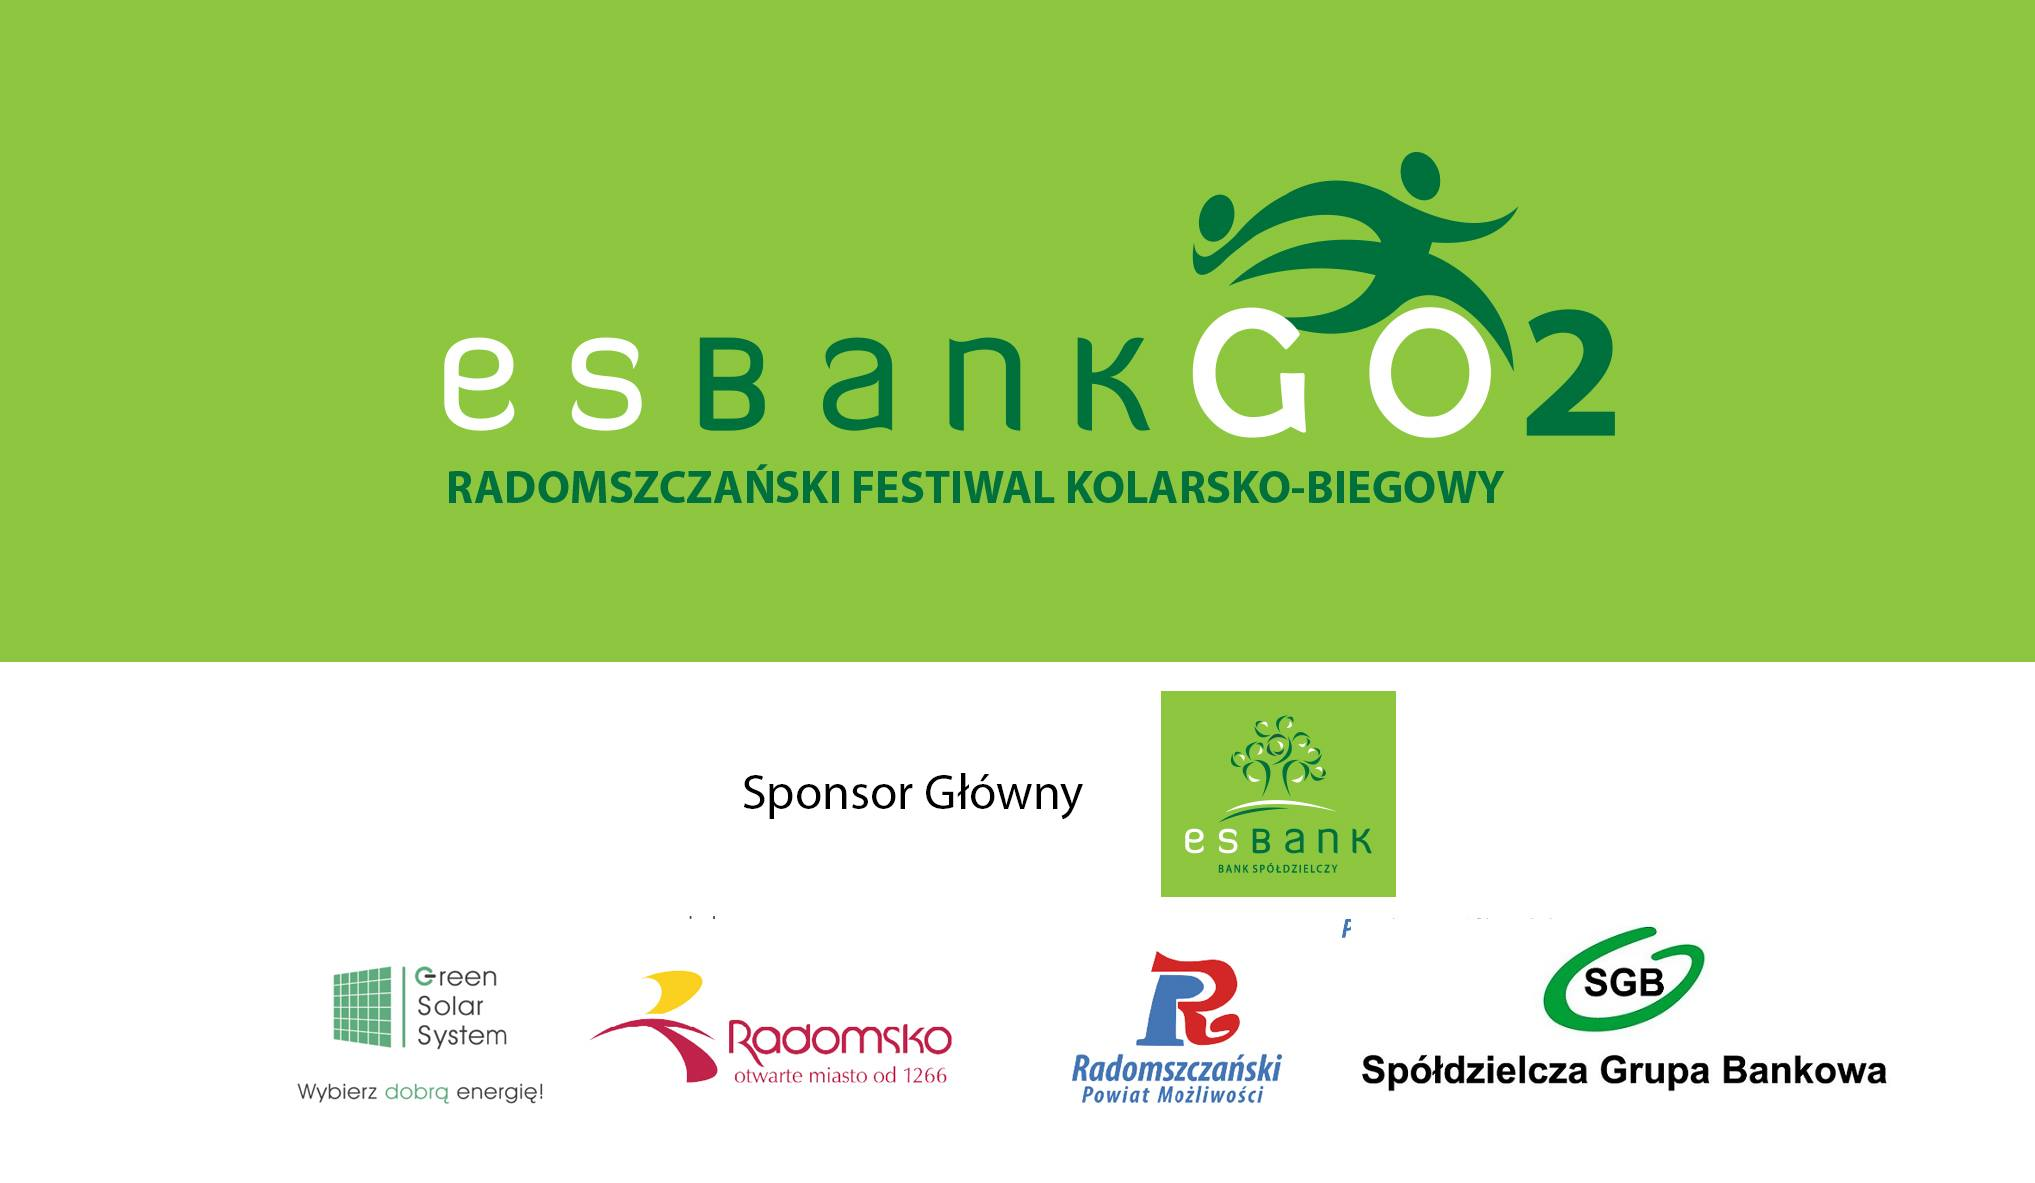 ESBANK GO 2 - Radomszczański Festiwal Kolarsko - Biegowy